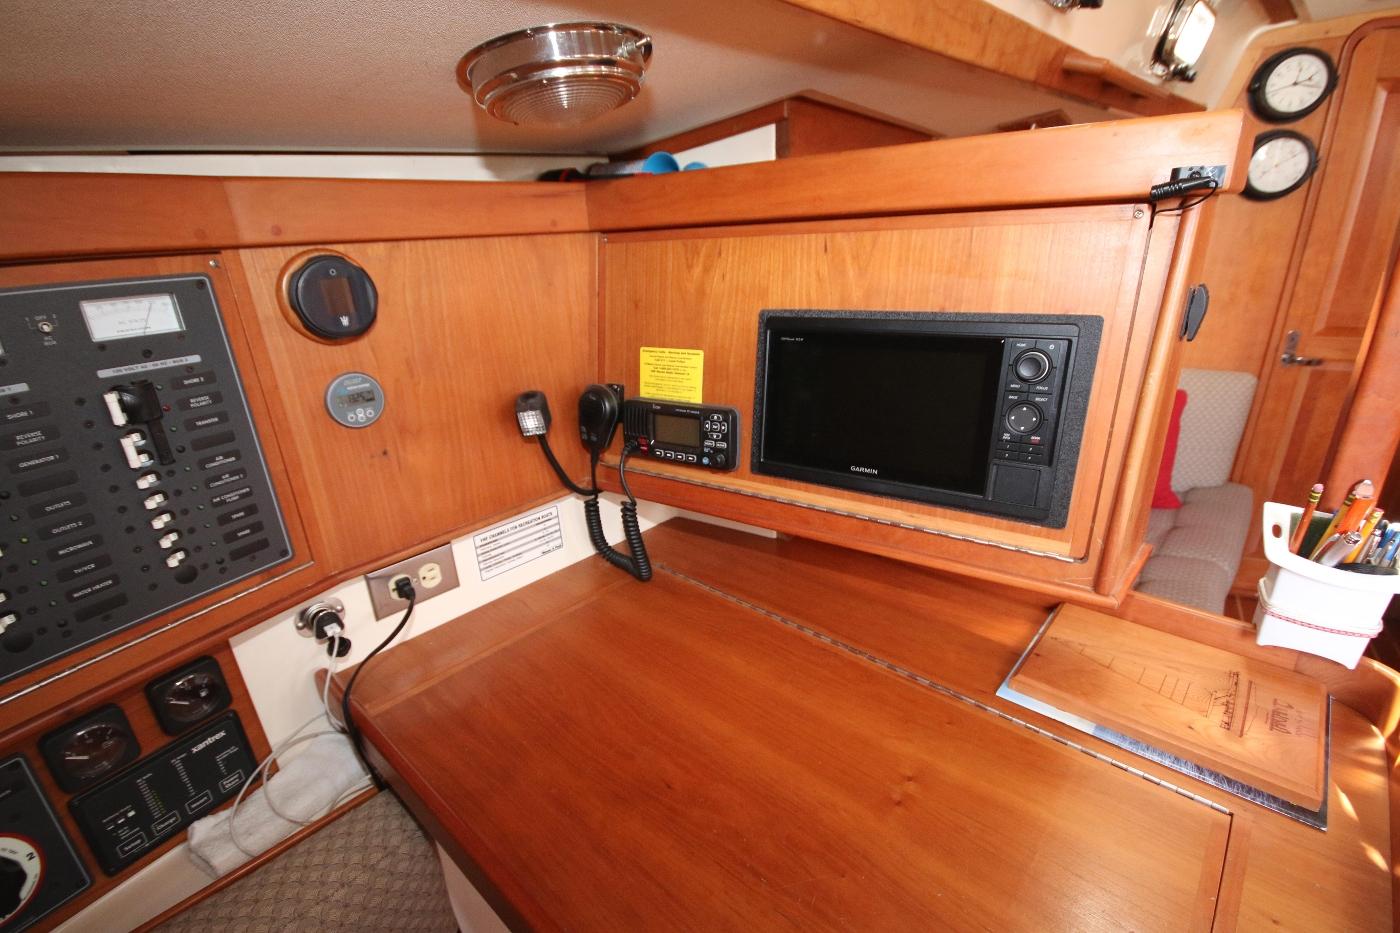 2003 Tartan 3700, Navstation located port amidships